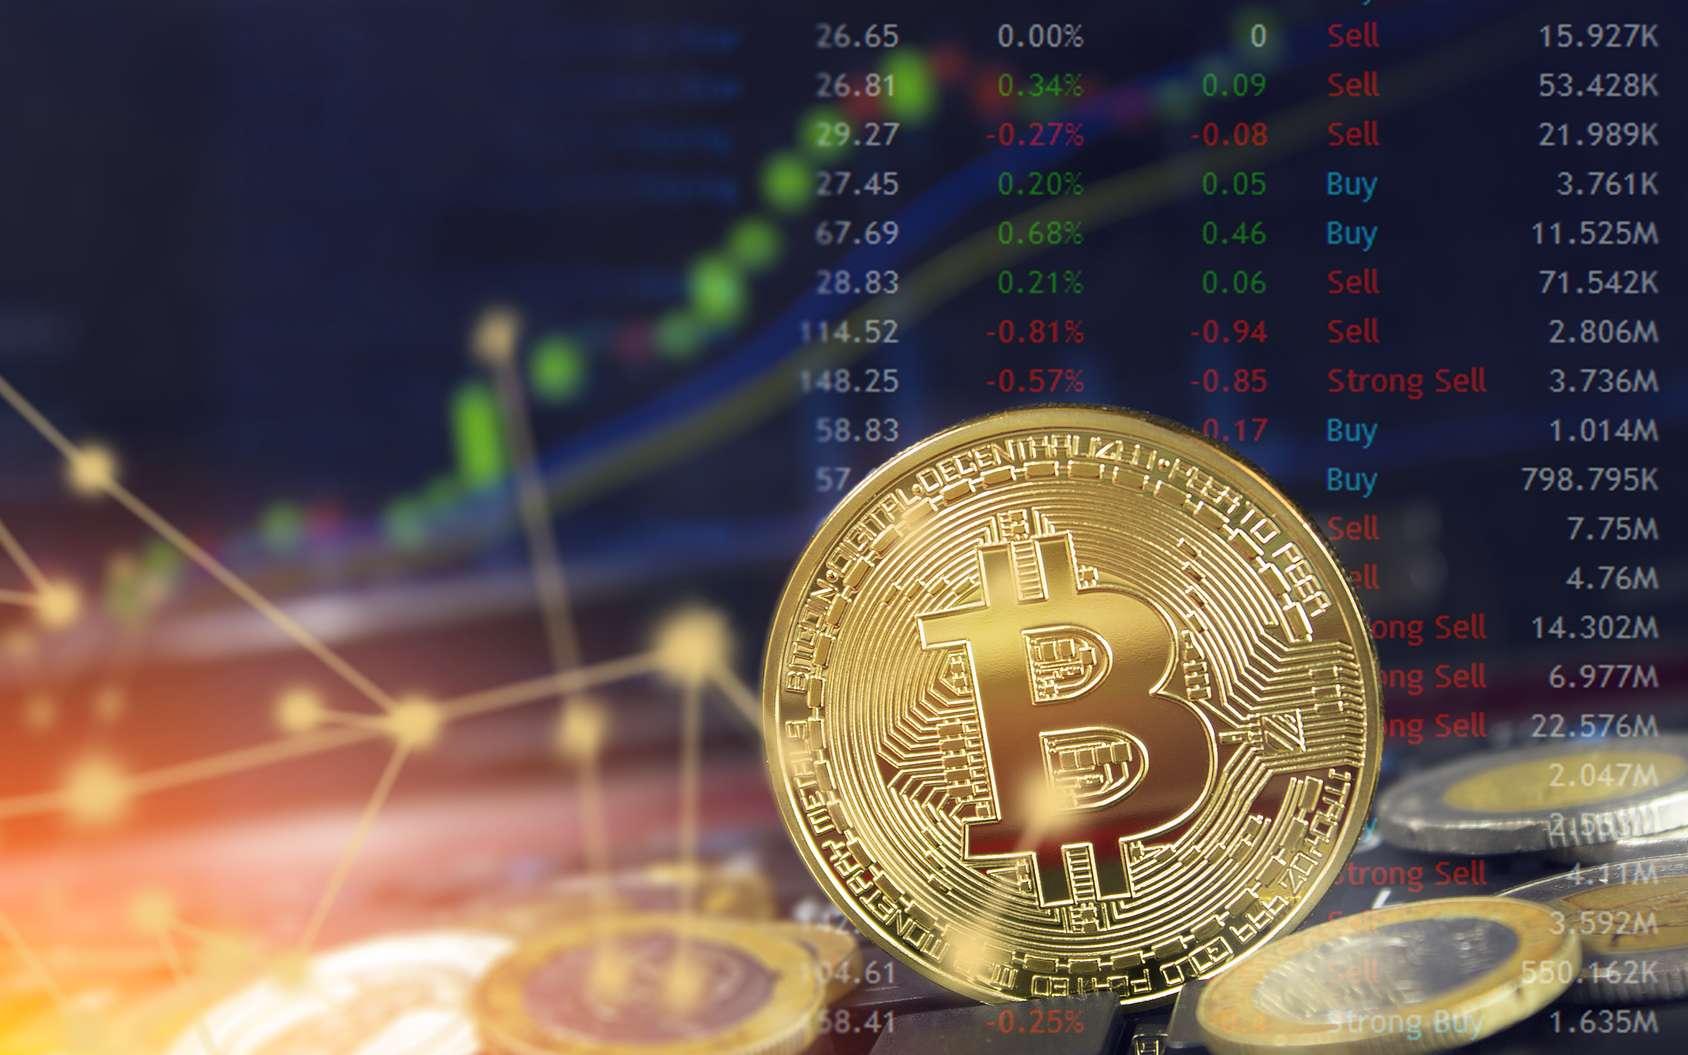 La blockchain et le bitcoin sont nés ensemble, la première ayant pour vocation de sécuriser les transactions réalisées avec le second. L'avenir de cette technologie d'échanges décentralisés va bien au-delà des applications financières. Il s'agit ni plus ni moins d'une façon de répartir la confiance. © Travis, fotolia